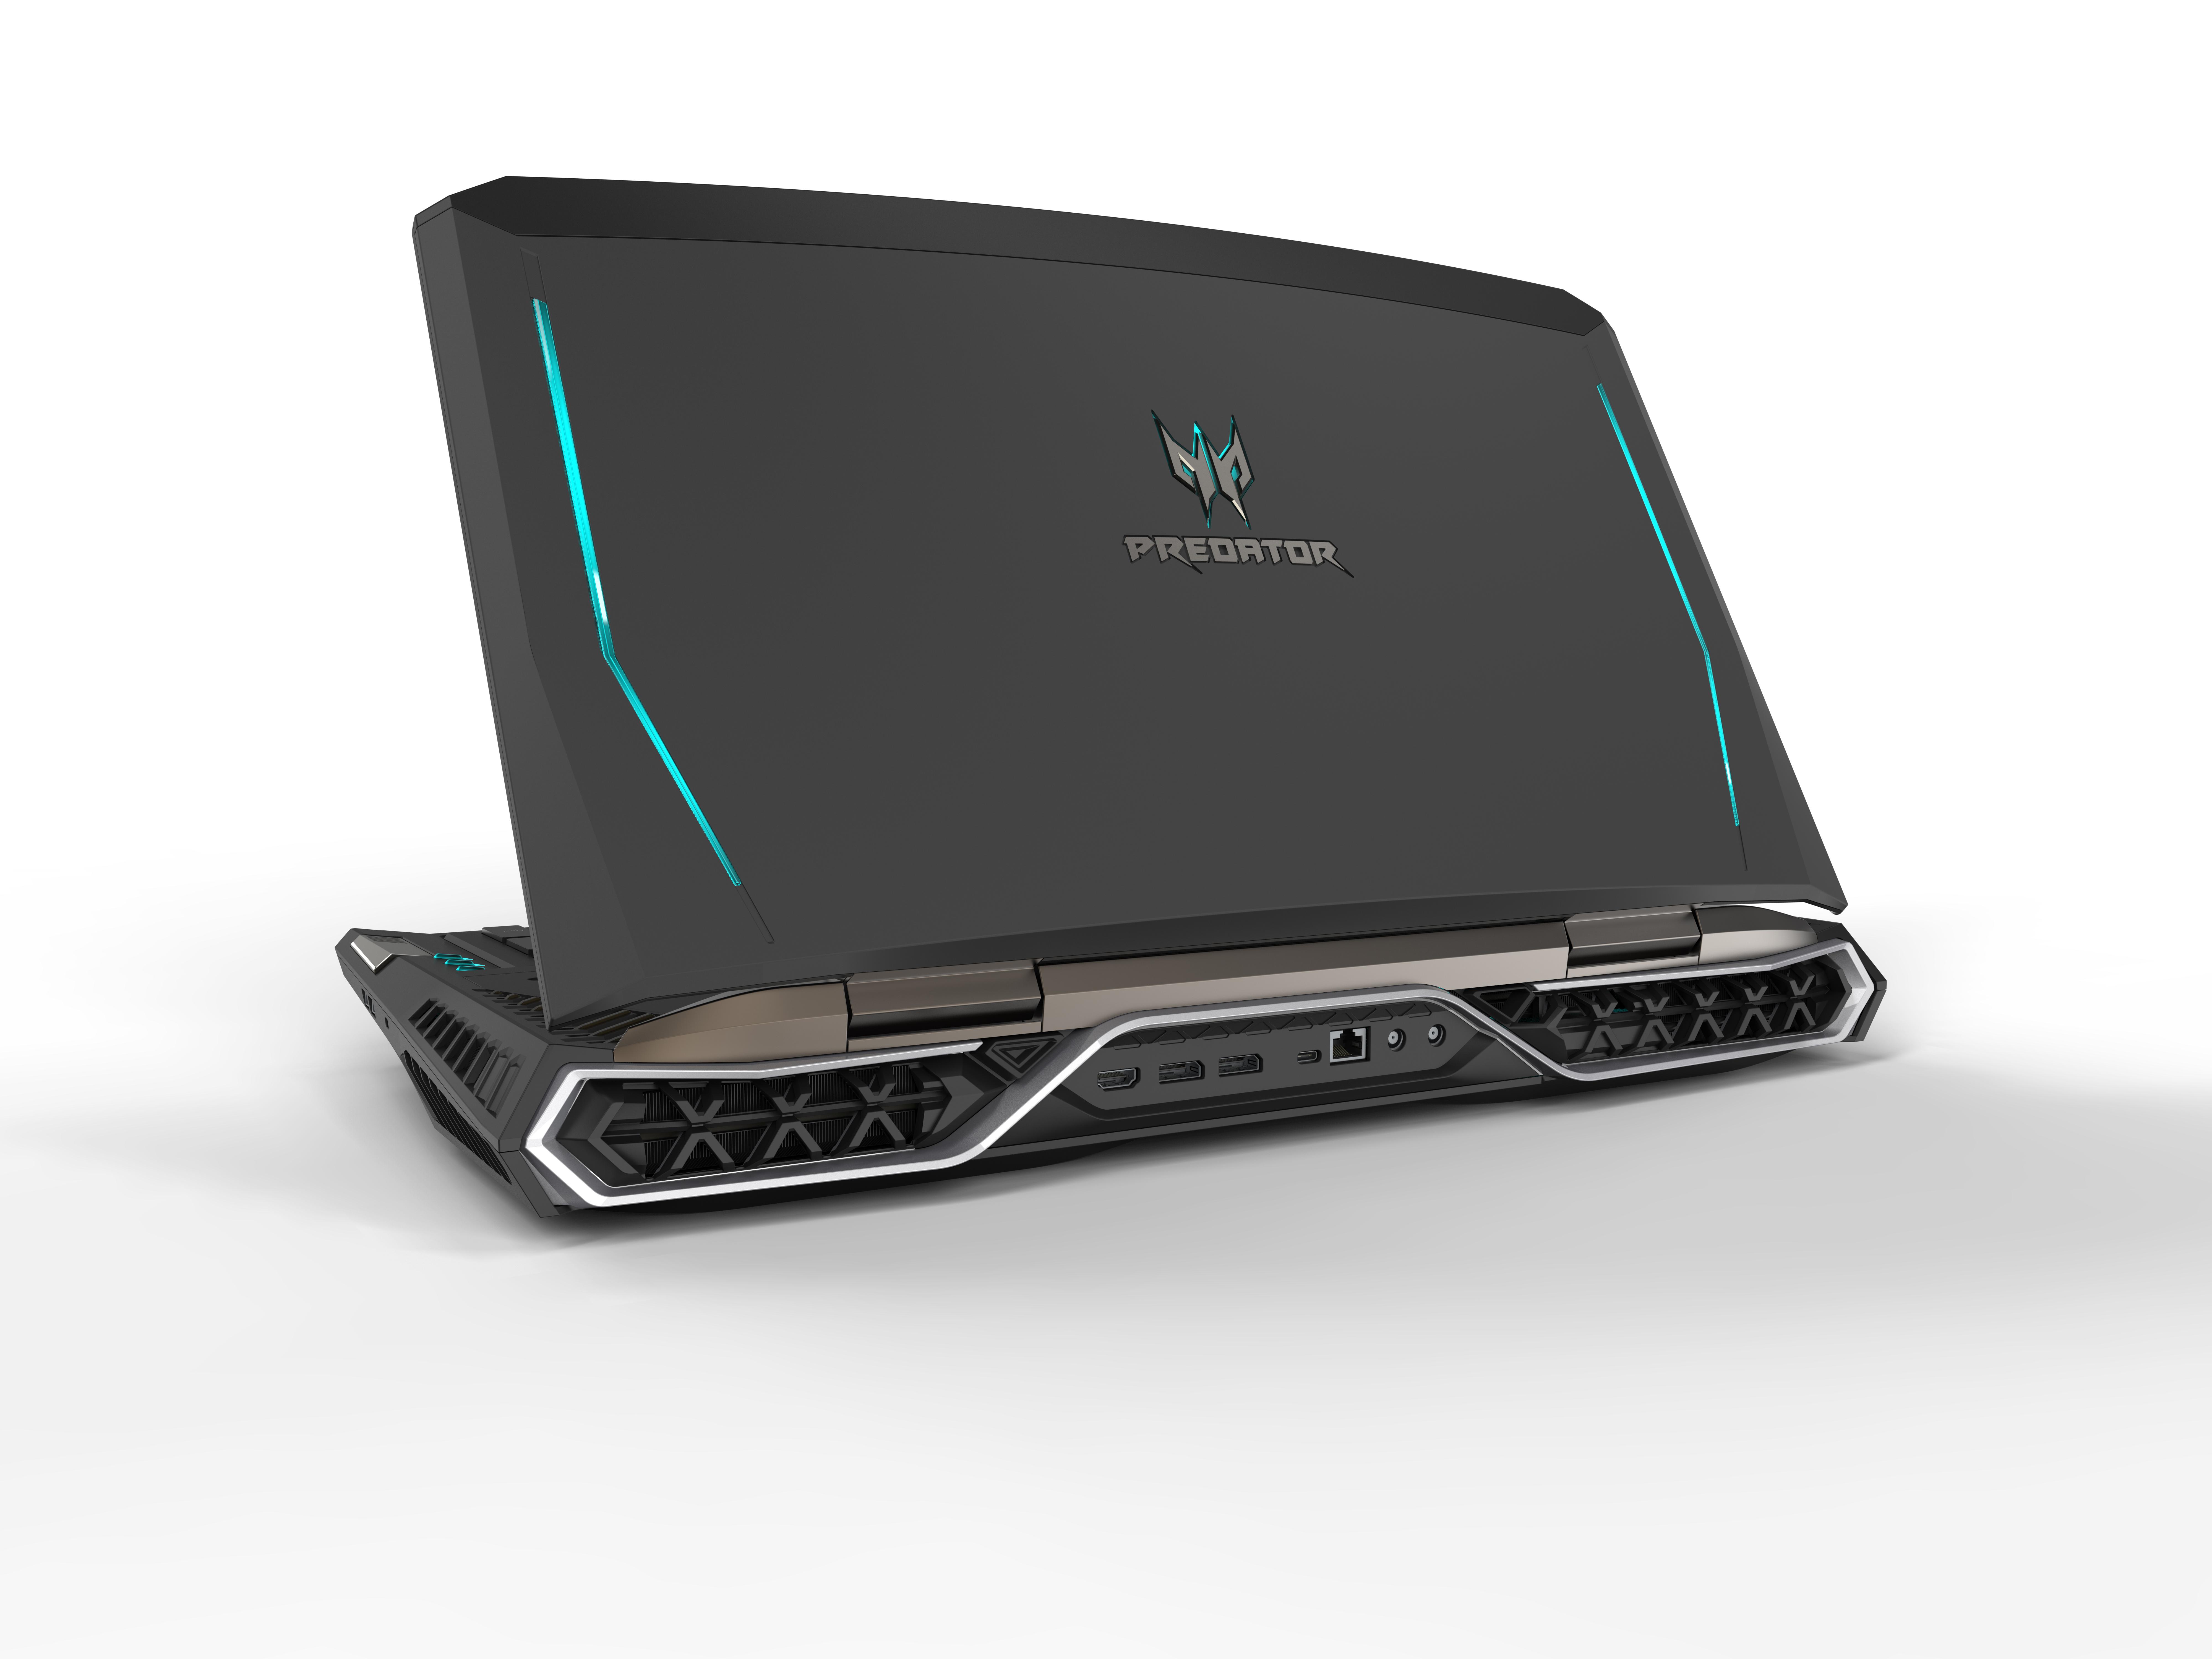 Представлен 1-ый вмире ноутбук сизогнутым экраном Acer Predator 21 X